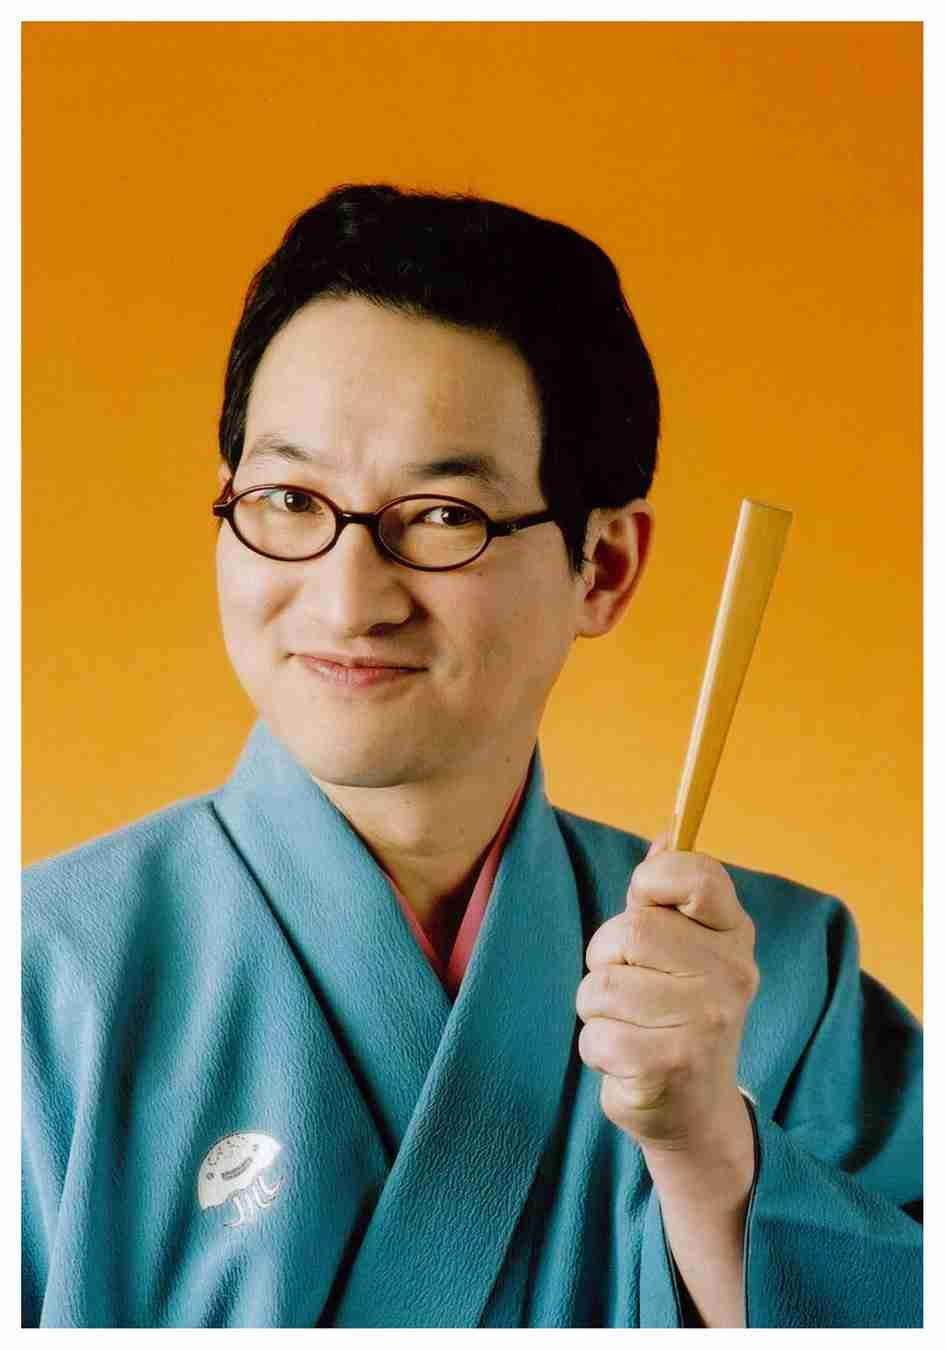 太田光、笑点司会やりたかった?「バカにしてた」春風亭昇太への態度改める